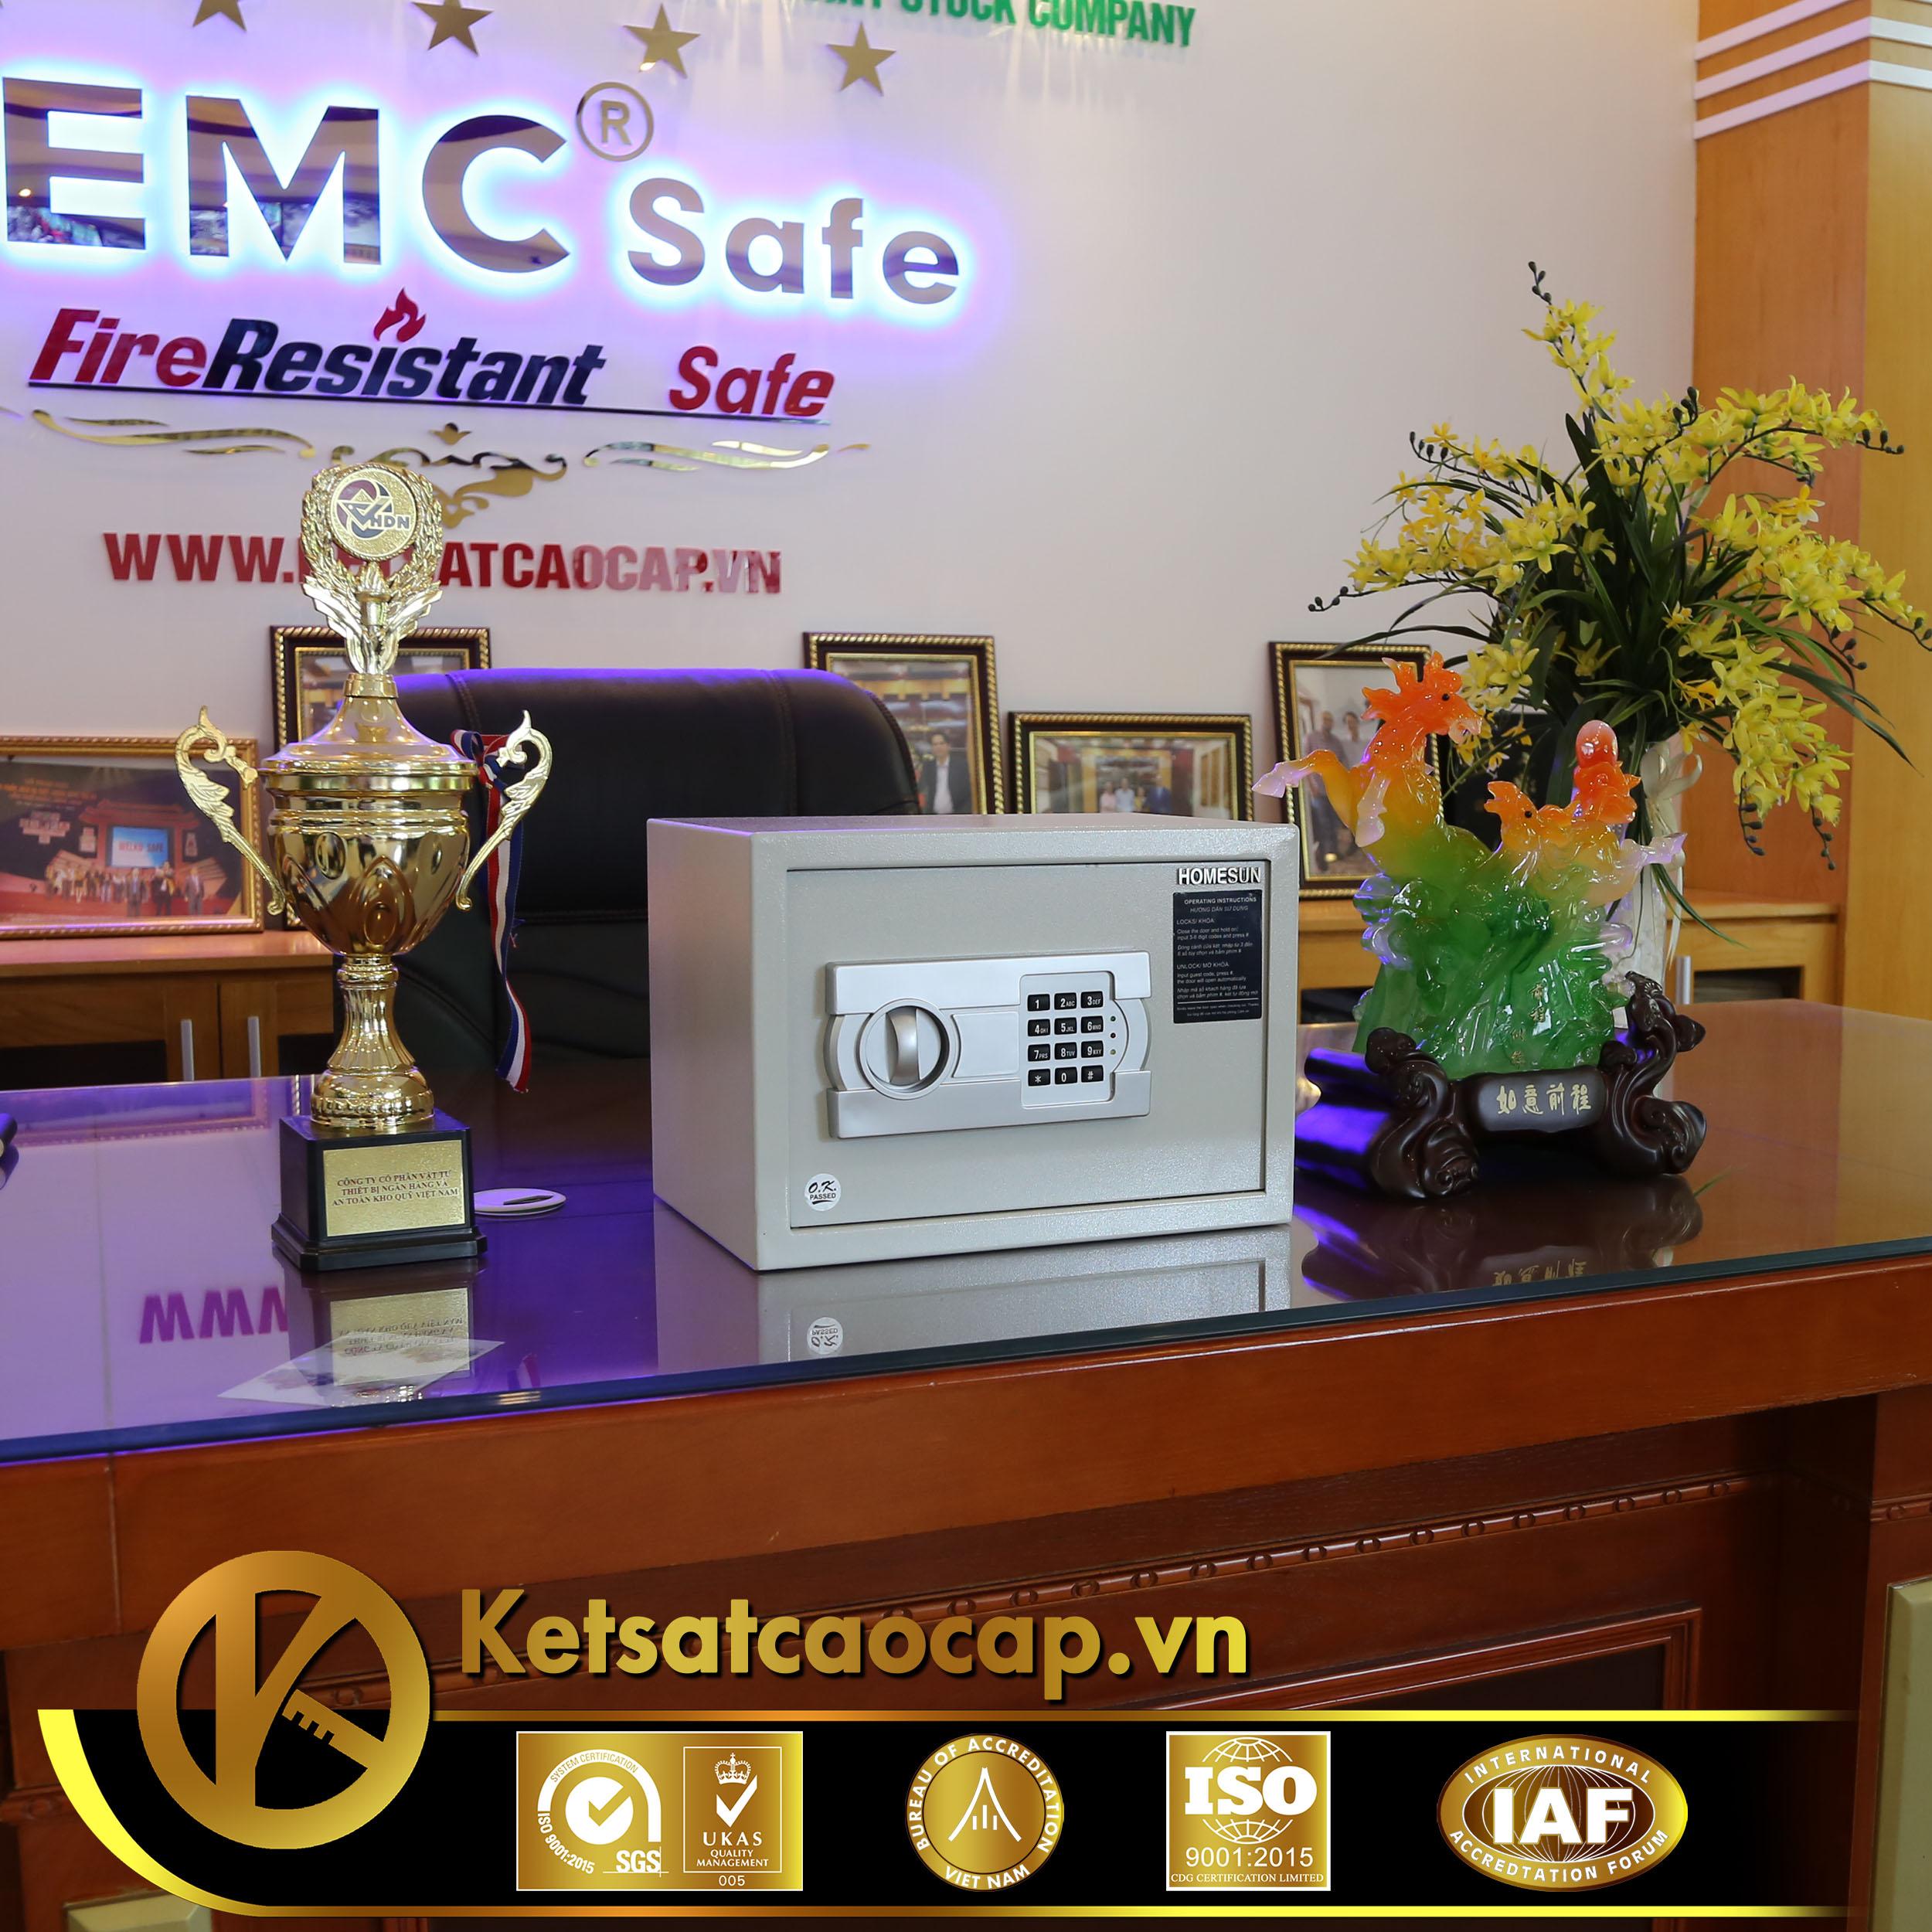 đặc điểm sản phẩm Két sắt khách sạn cao cấp KS25-ACT